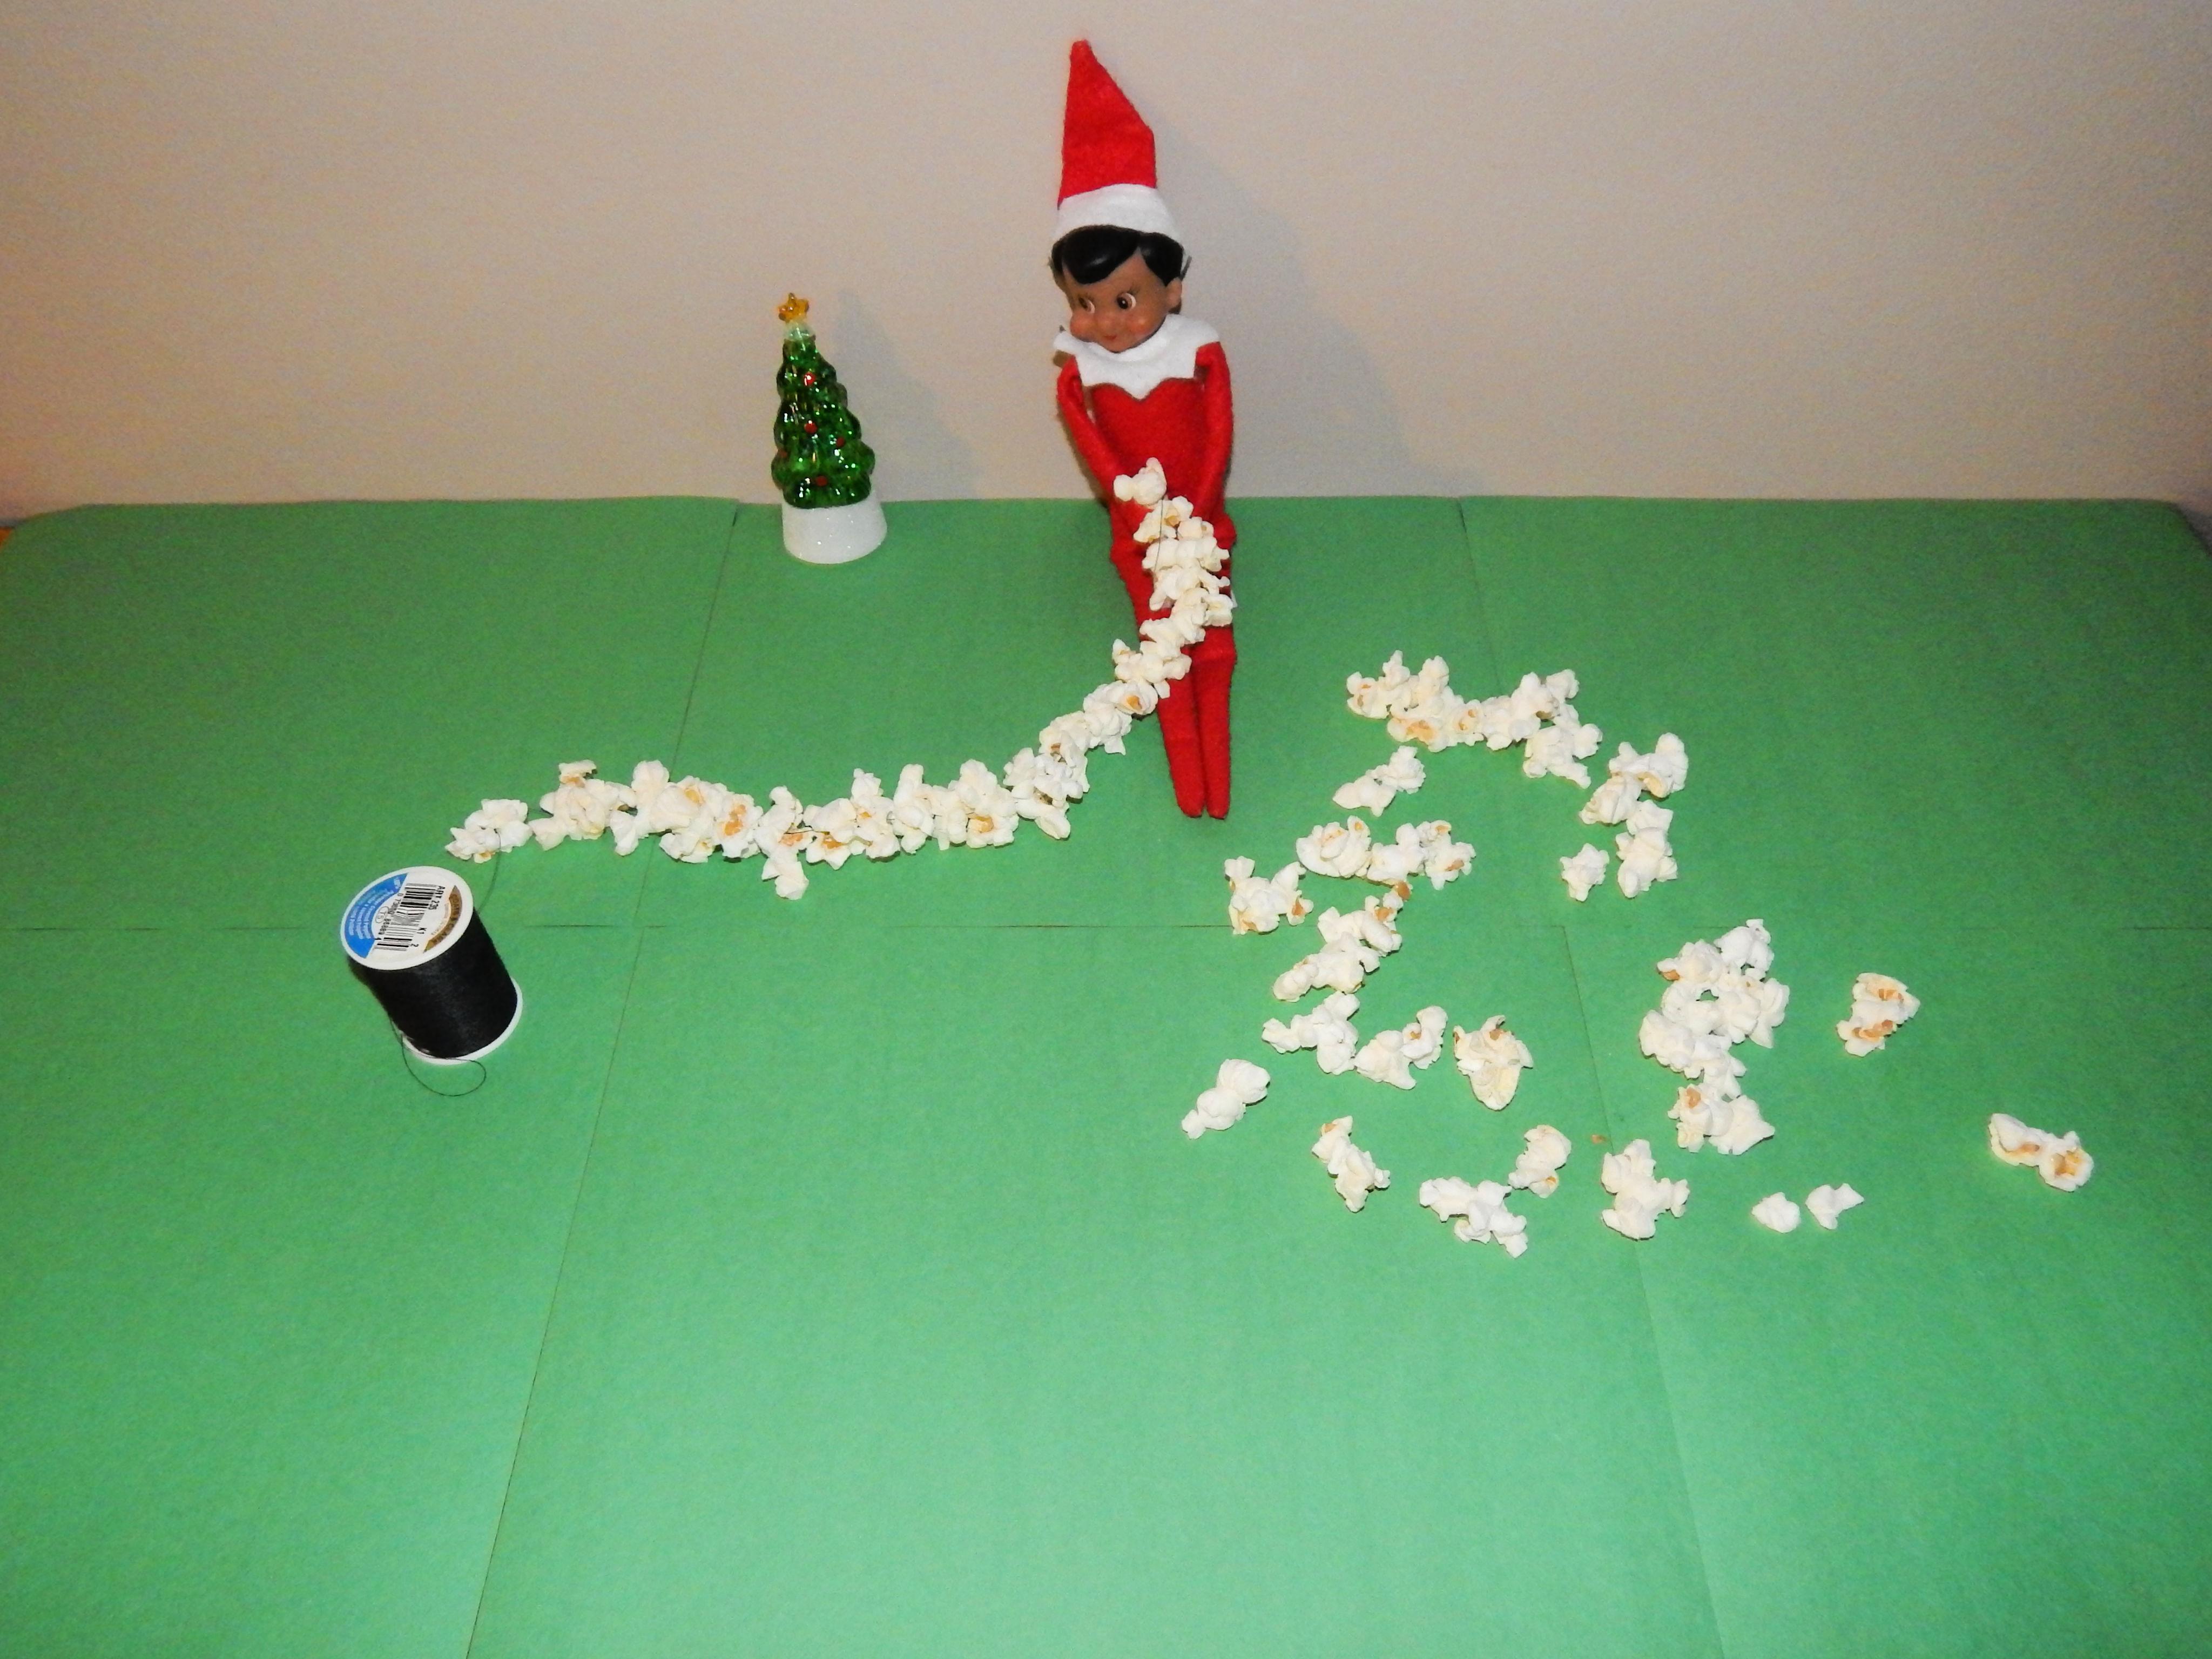 Elf On The Shelf Stringing Popcorn